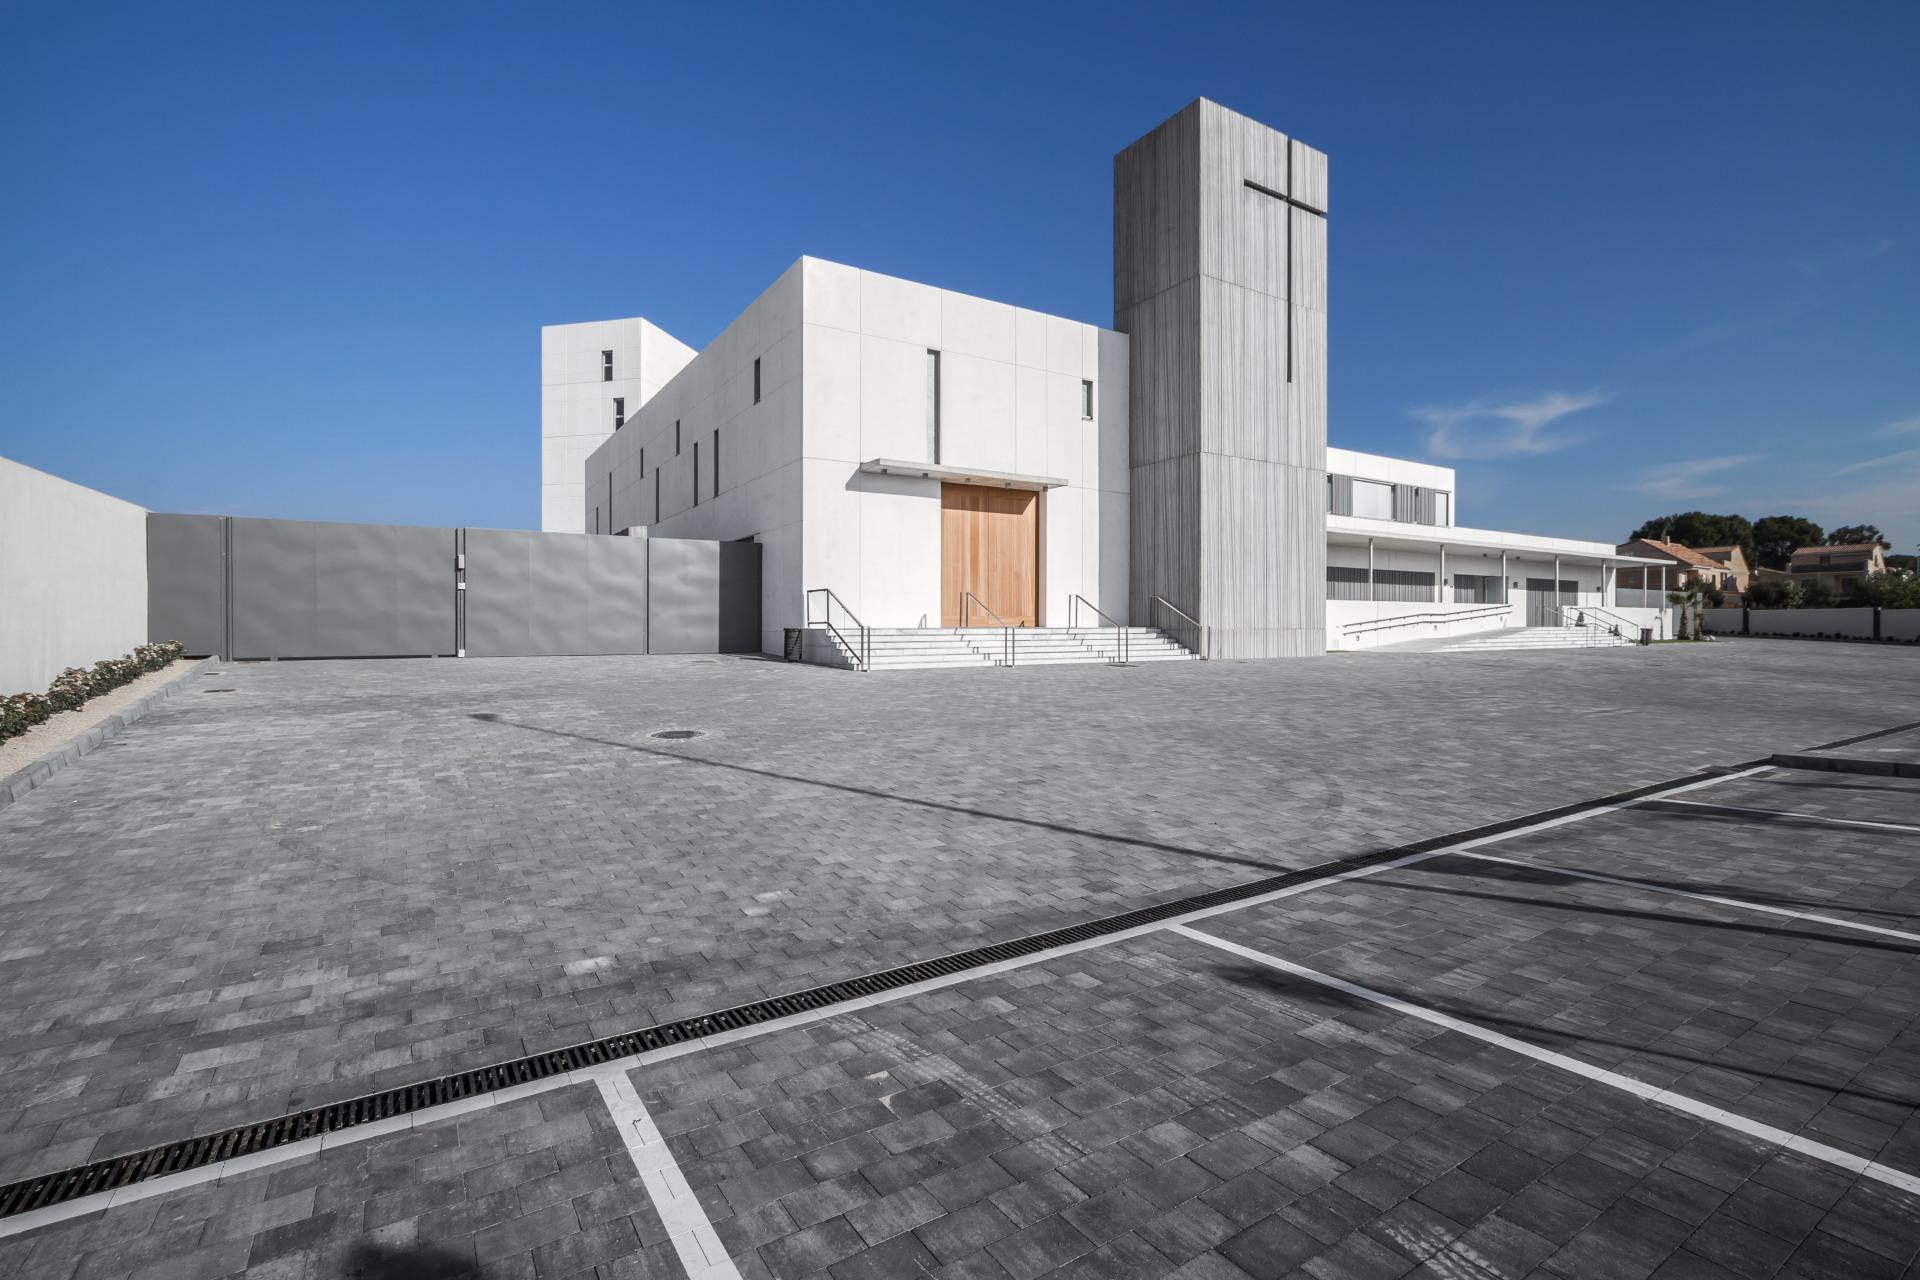 fotografia-arquitectura-valencia-german-cabo-hernandez-monasterio (1)